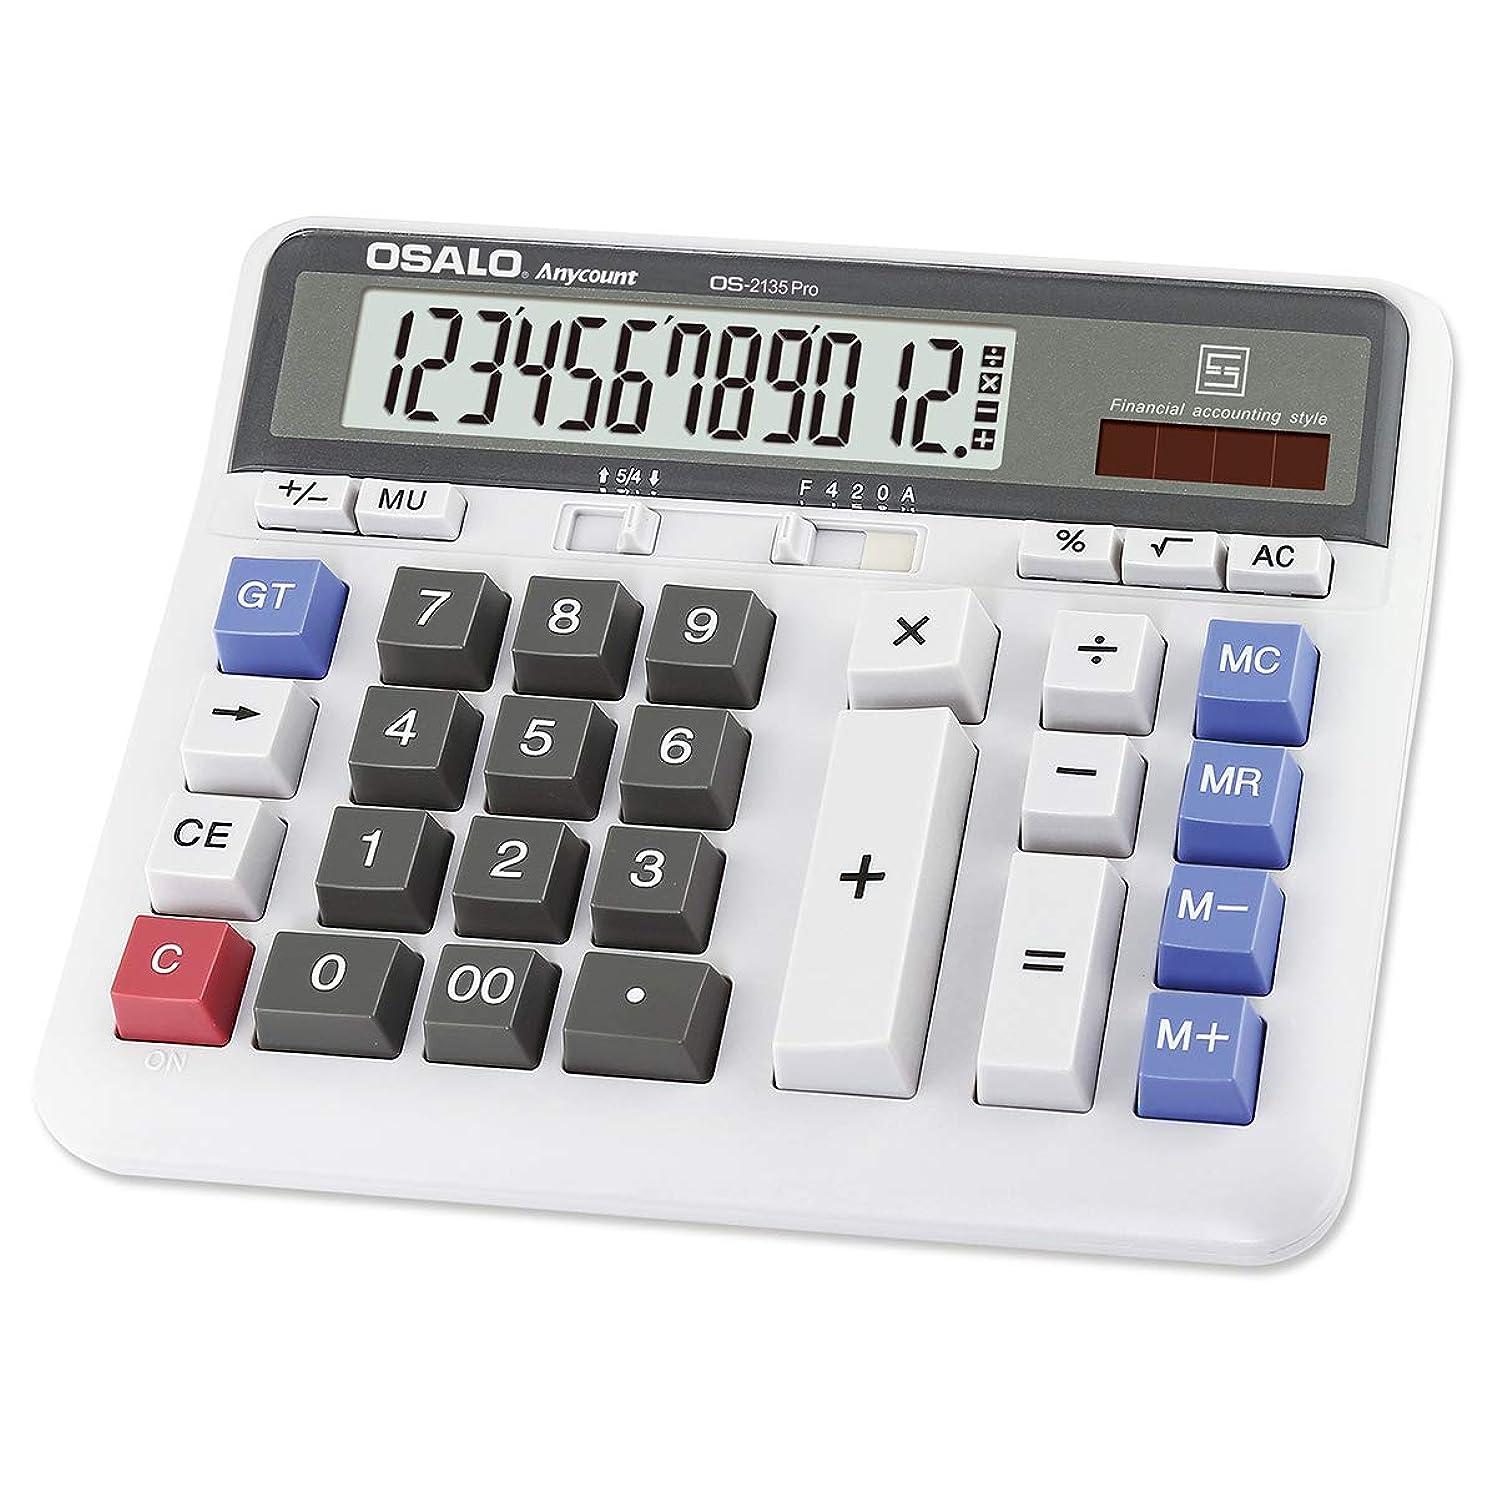 パックスペア本質的ではないPendancy Financial Accounting 特大 LCDディスプレイ 大きなボタン 12桁 デュアルパワー 電子 デスクトップ電卓 (OS-2135 Pro) グレー